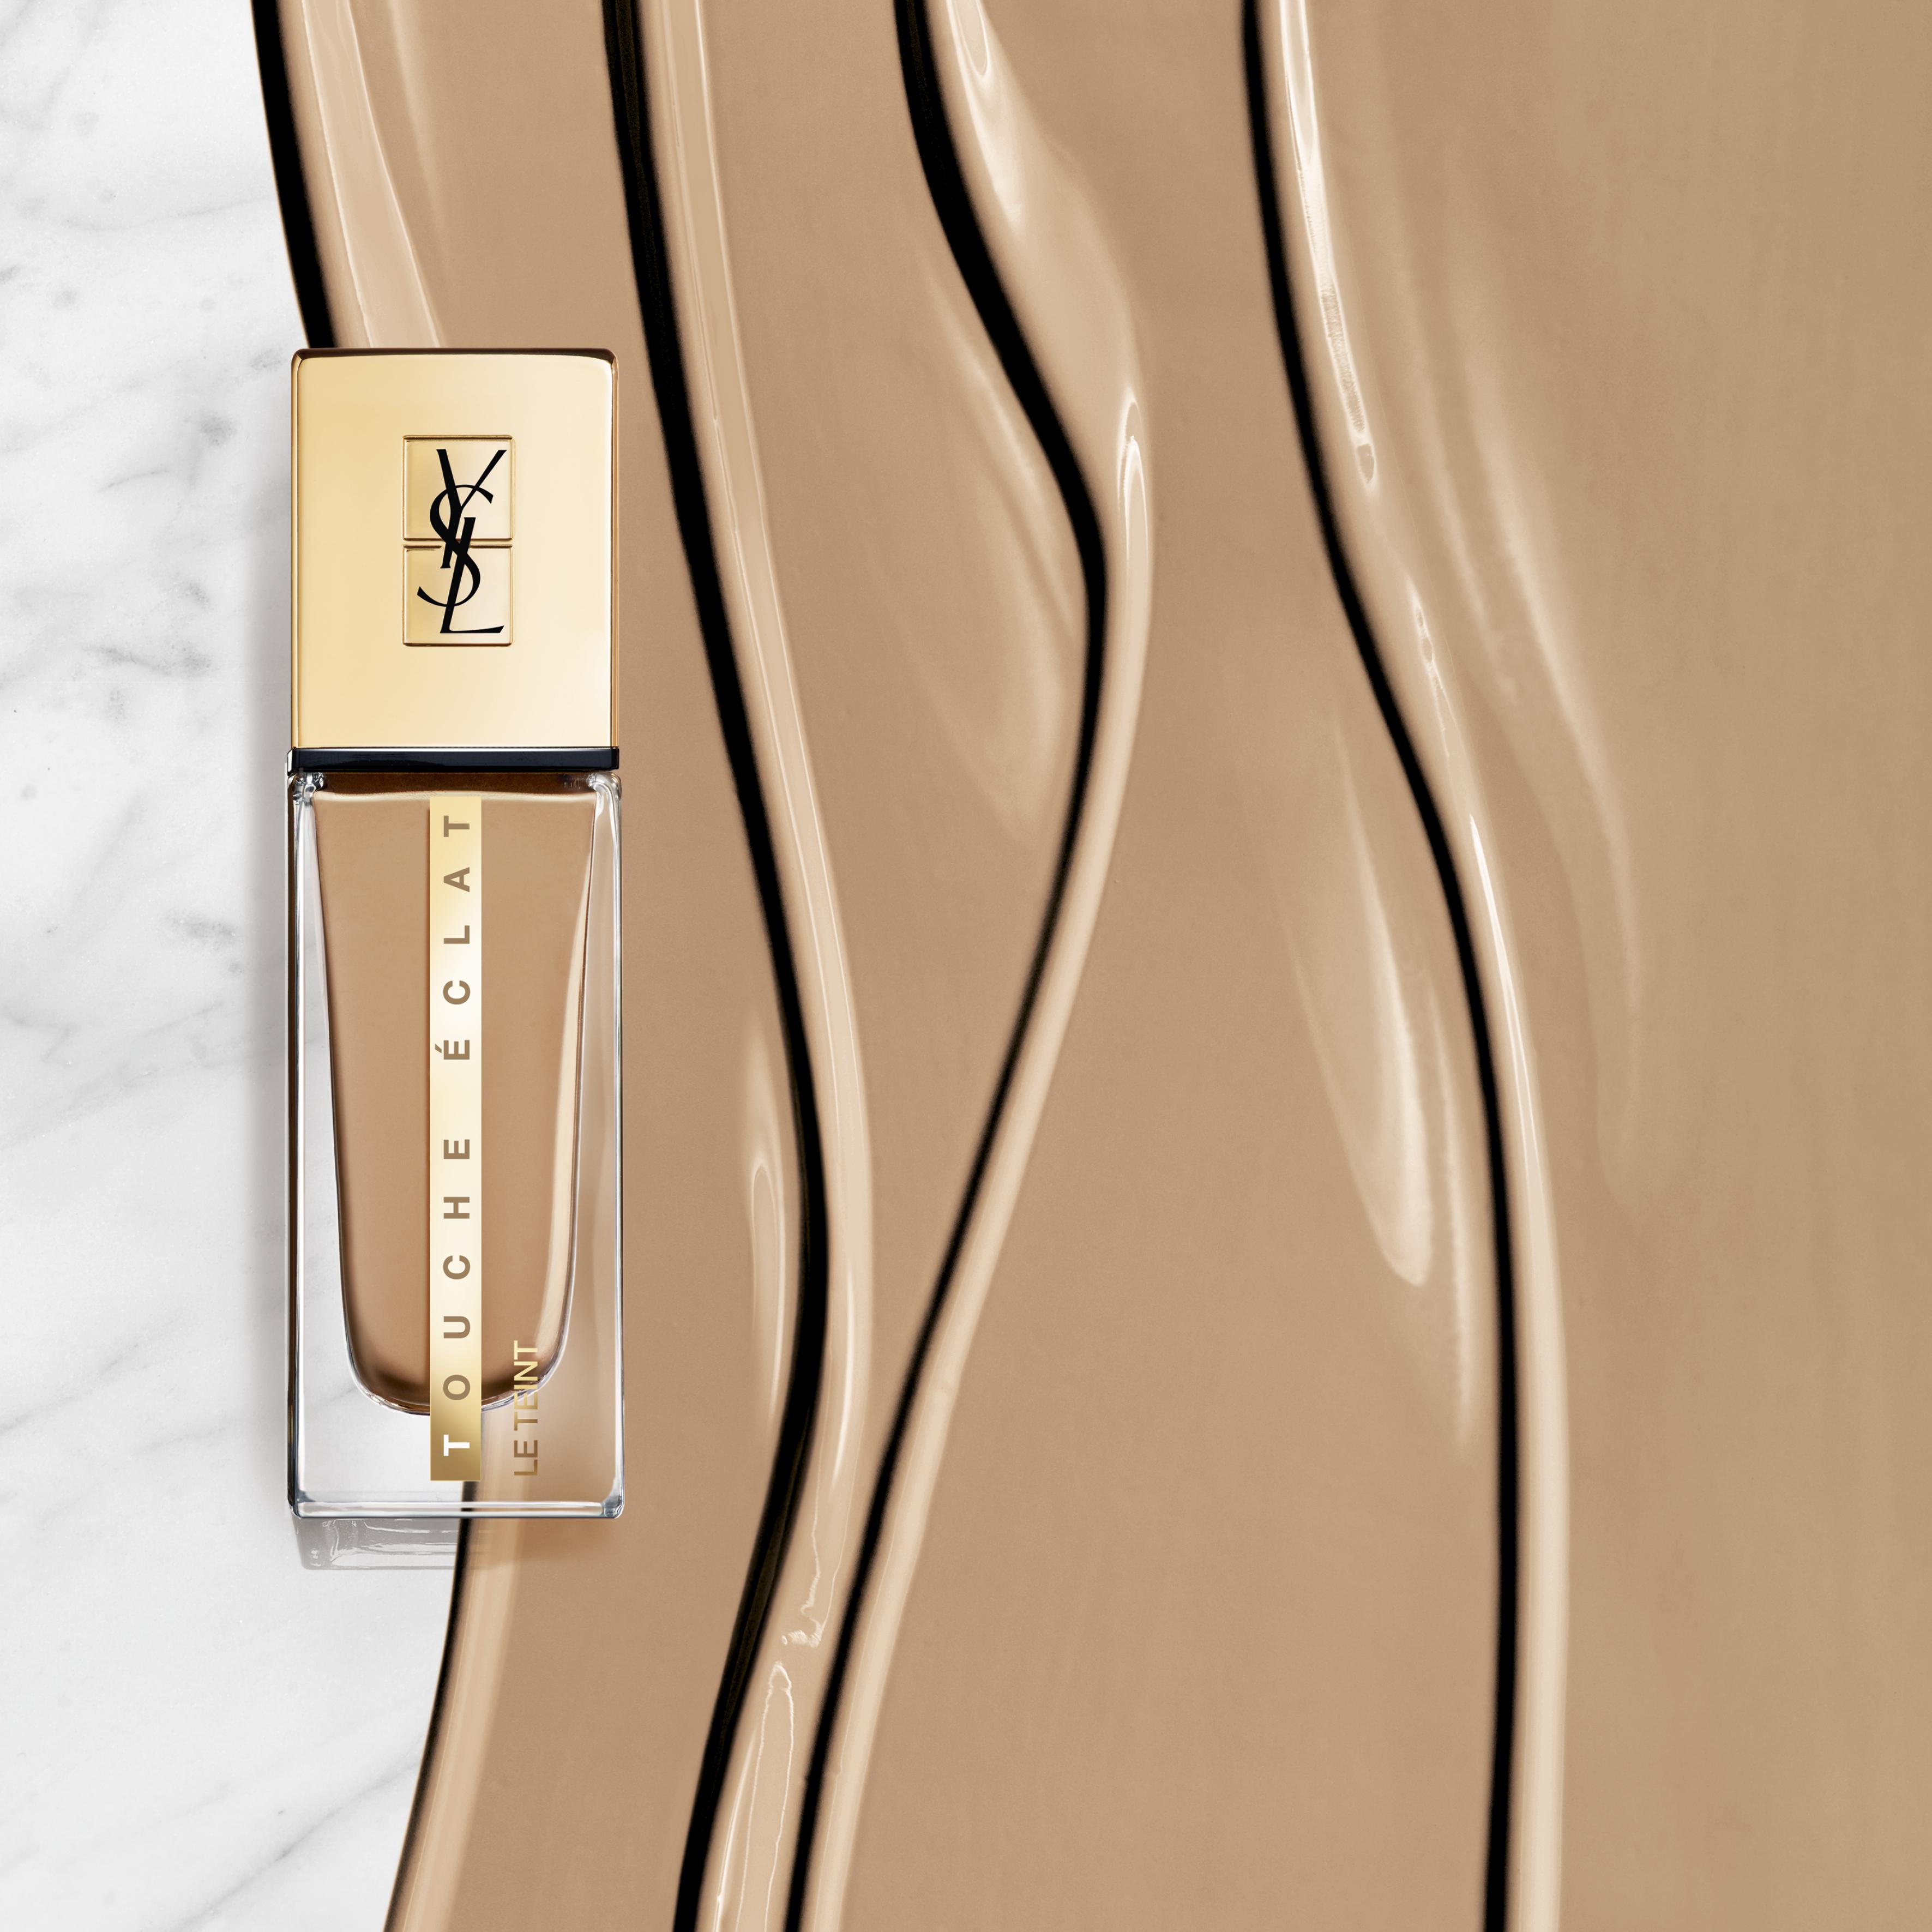 Yves Saint Laurent Le Teint Touche Eclat Foundation, BR60